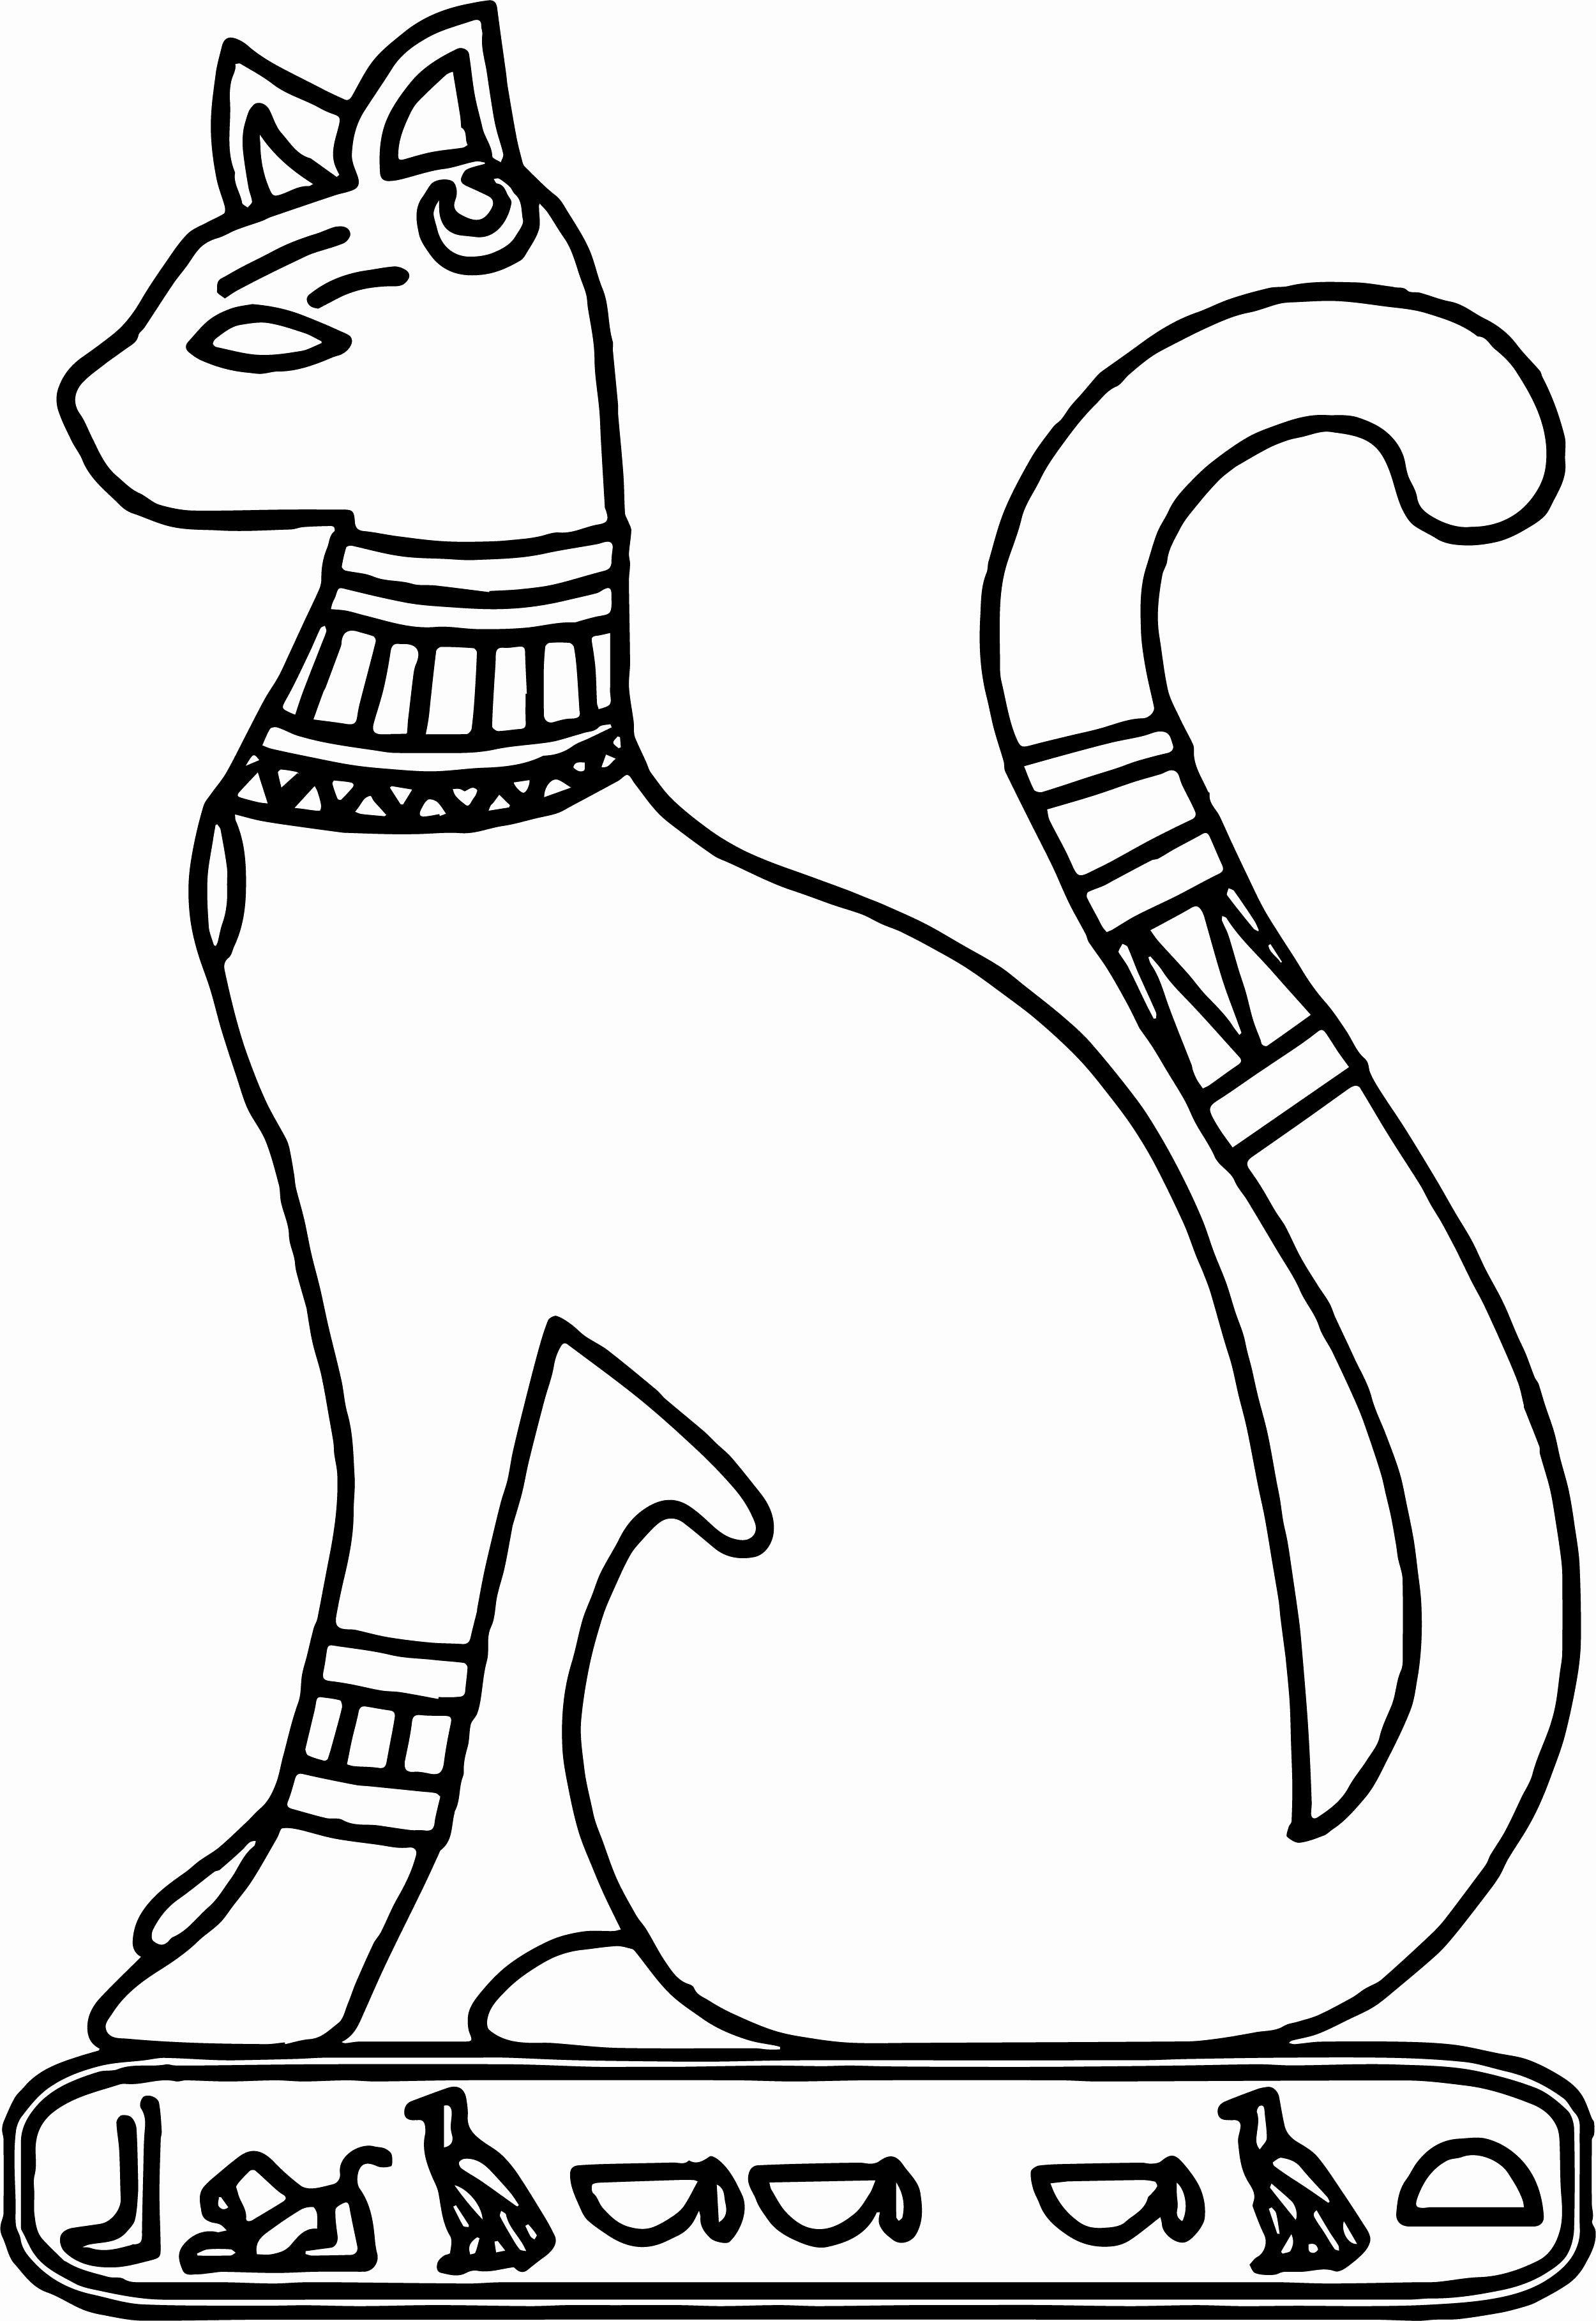 Ancient egypt art coloring pages - Hellokids.com   3636x2500